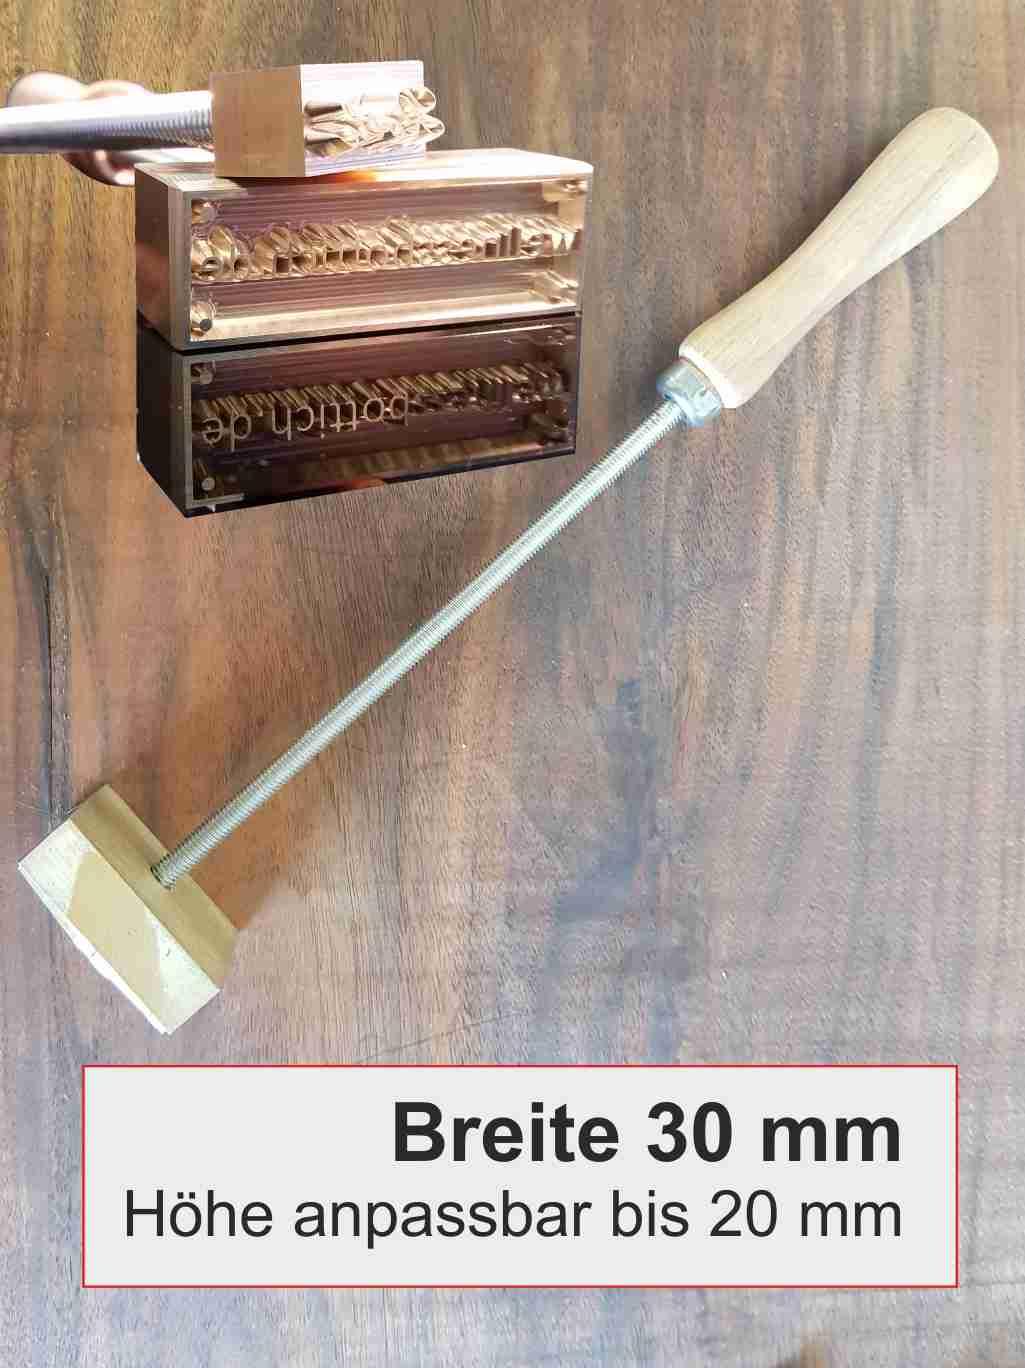 Brandstempel manuell | Breite 30 mm